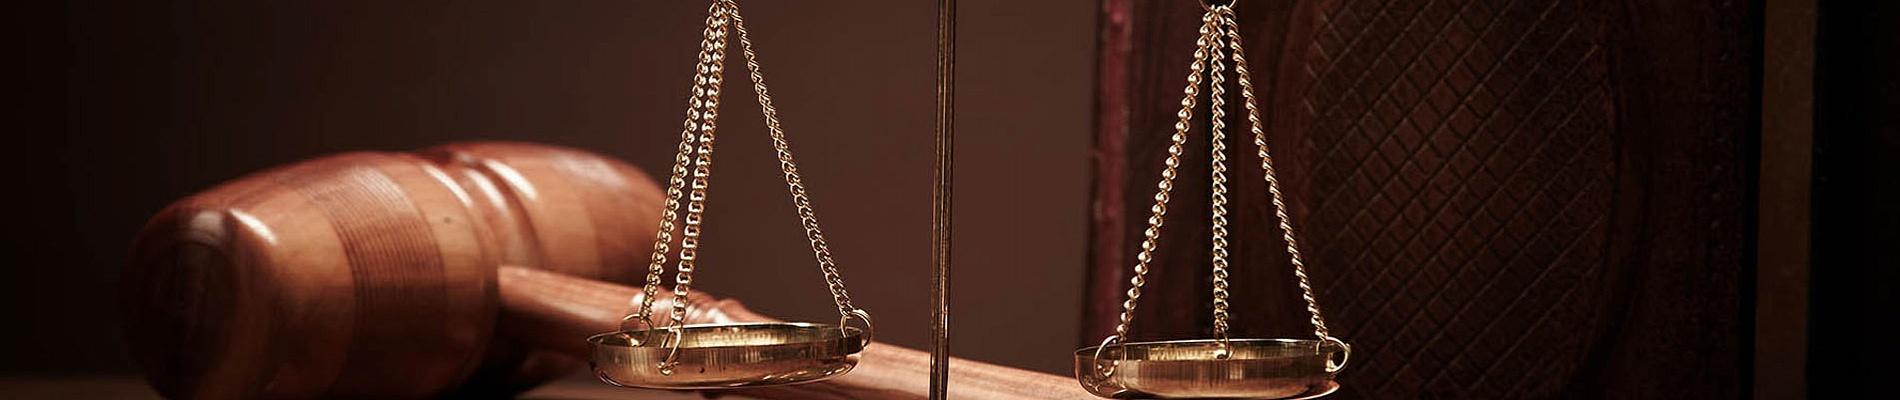 наследственное дело консультации юриста консультация юриста